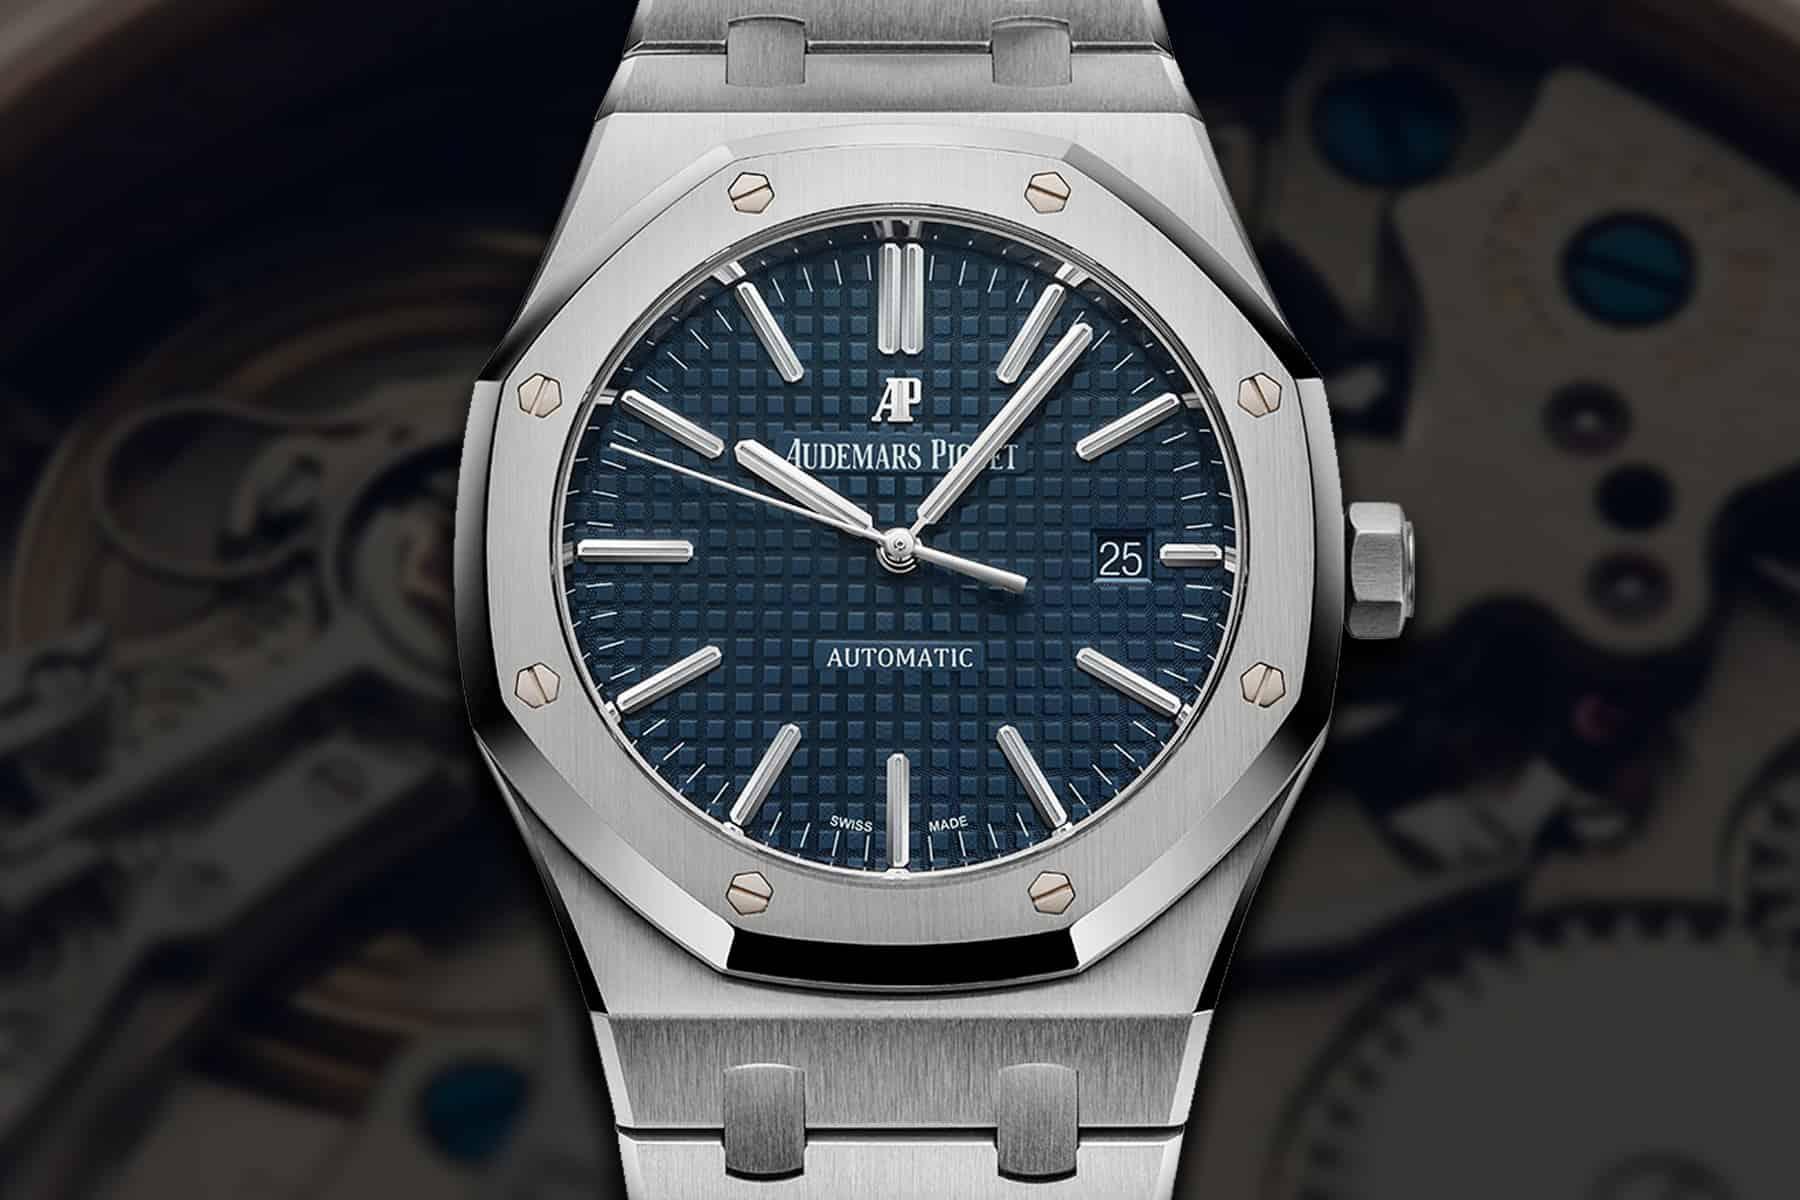 Watchfinder & Co. Audemars Piguet